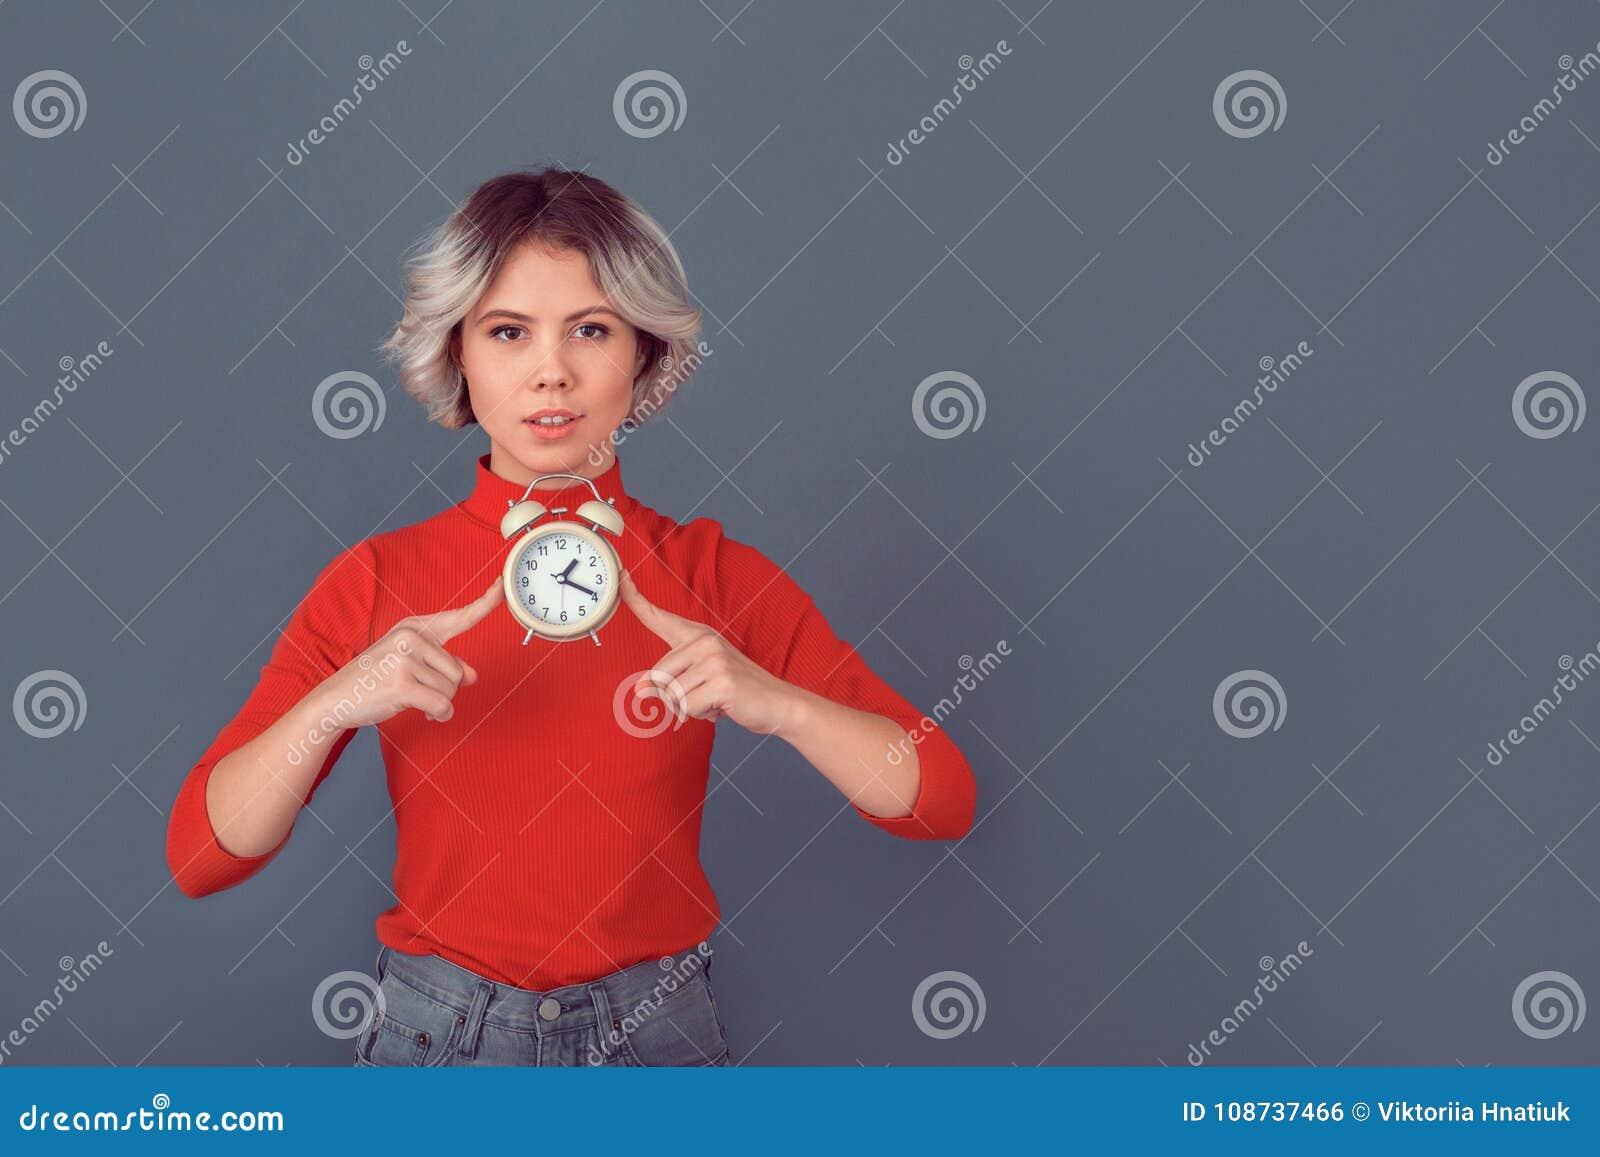 Junge Frau in einer roten Bluse auf grauer Wandzeit